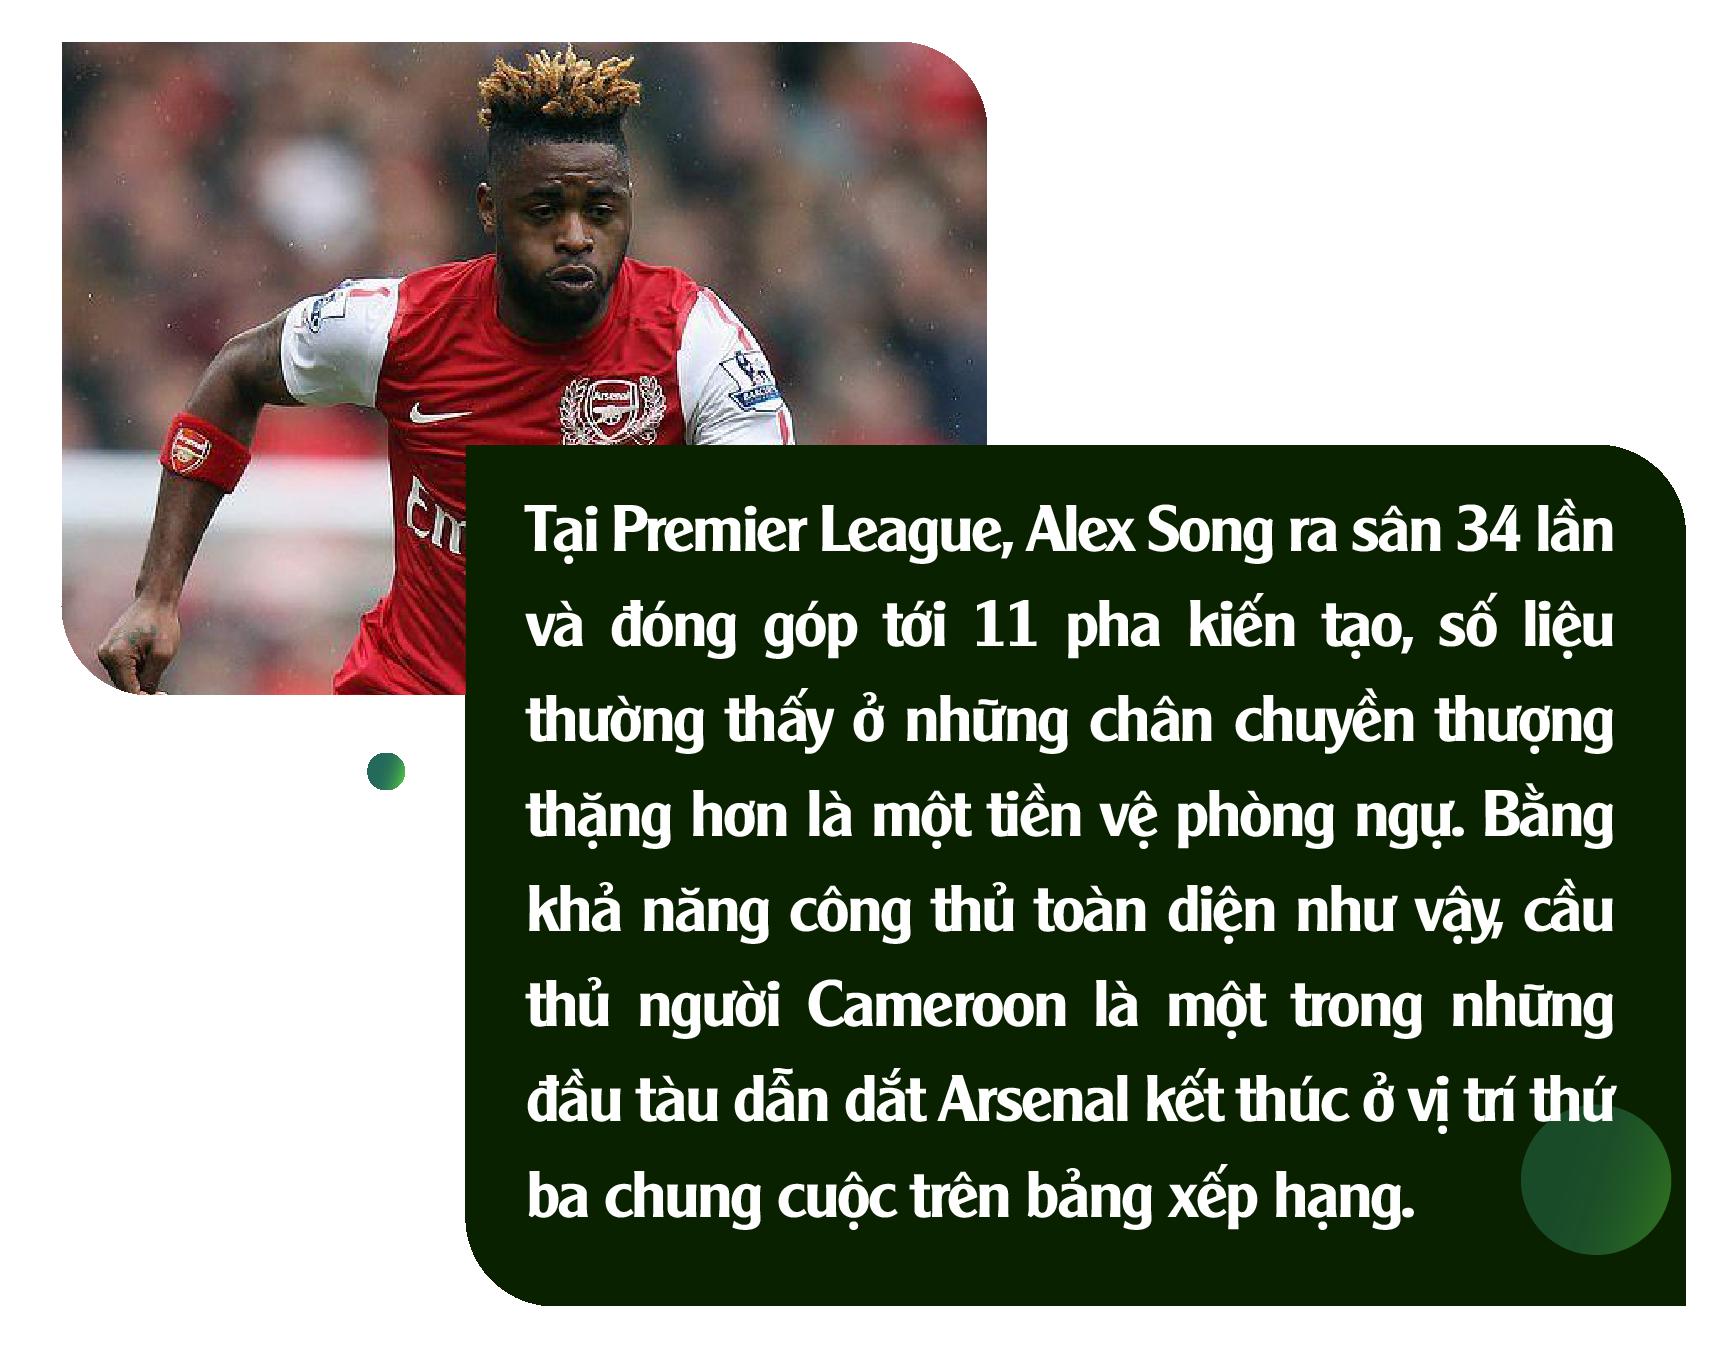 Alex Song: Ký ức nghèo khó và giấc mơ triệu phú đè nát 1 tài năng - Ảnh 4.